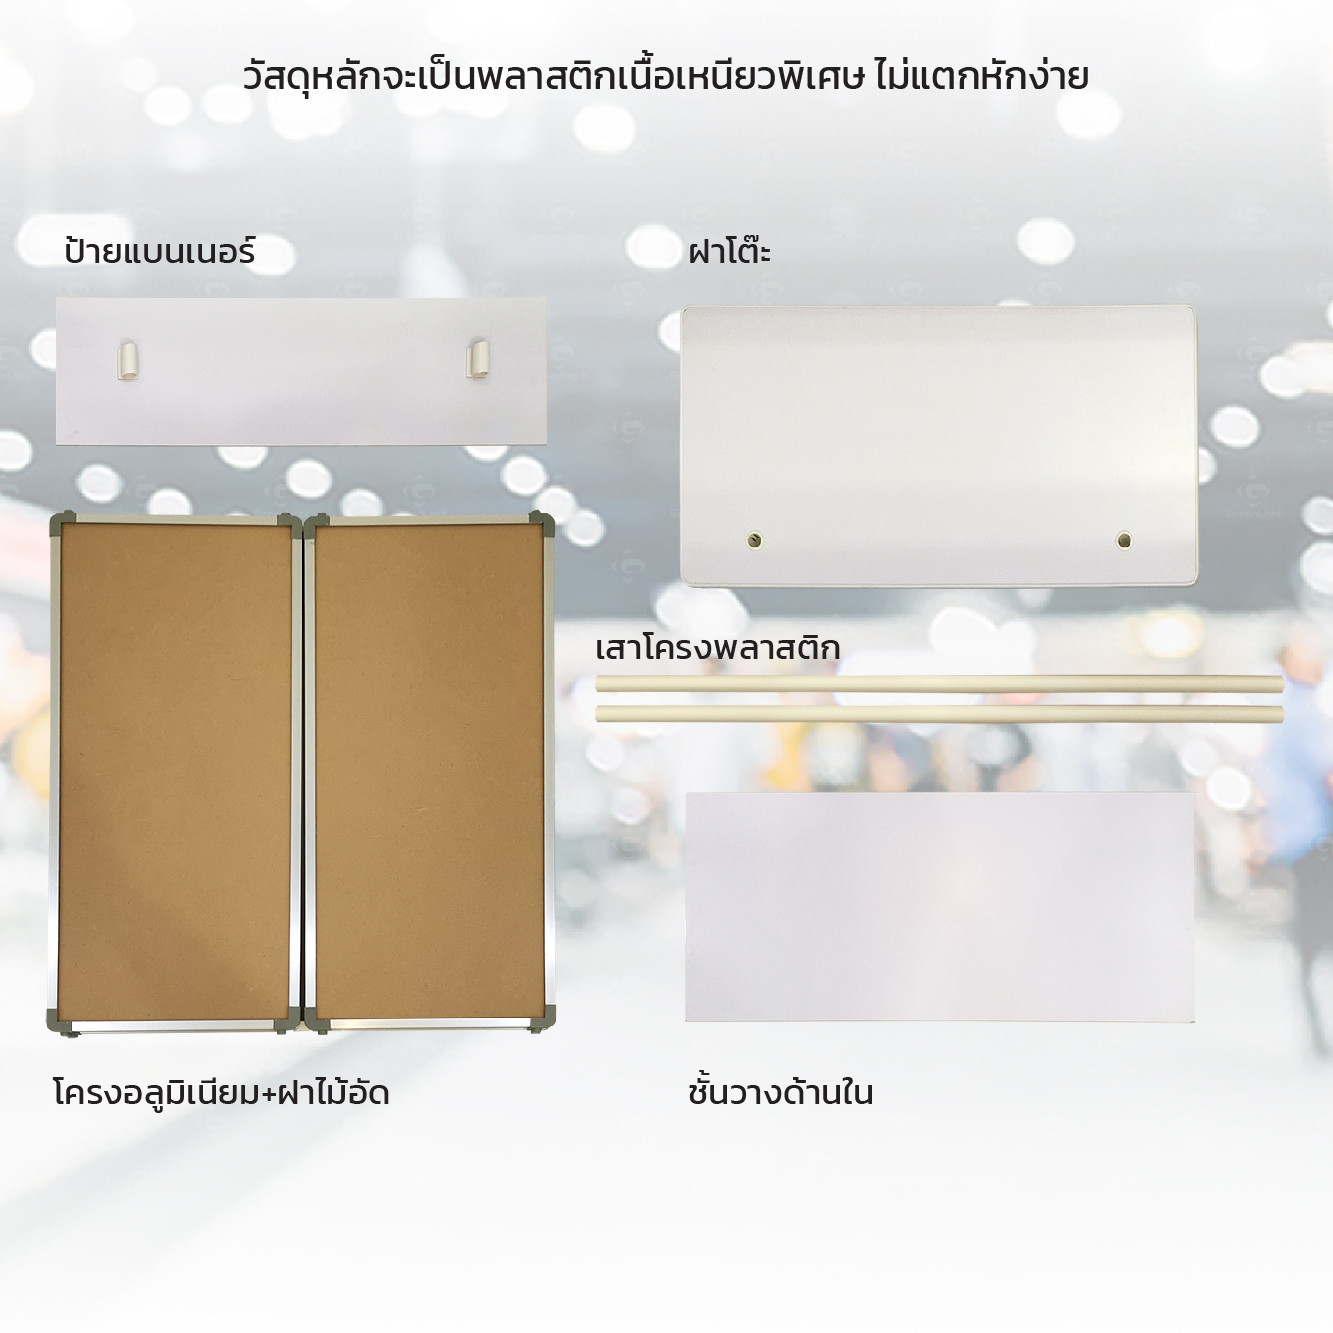 โต๊ะชงชิม, โต๊ะออกบูธ, Exhibition desk